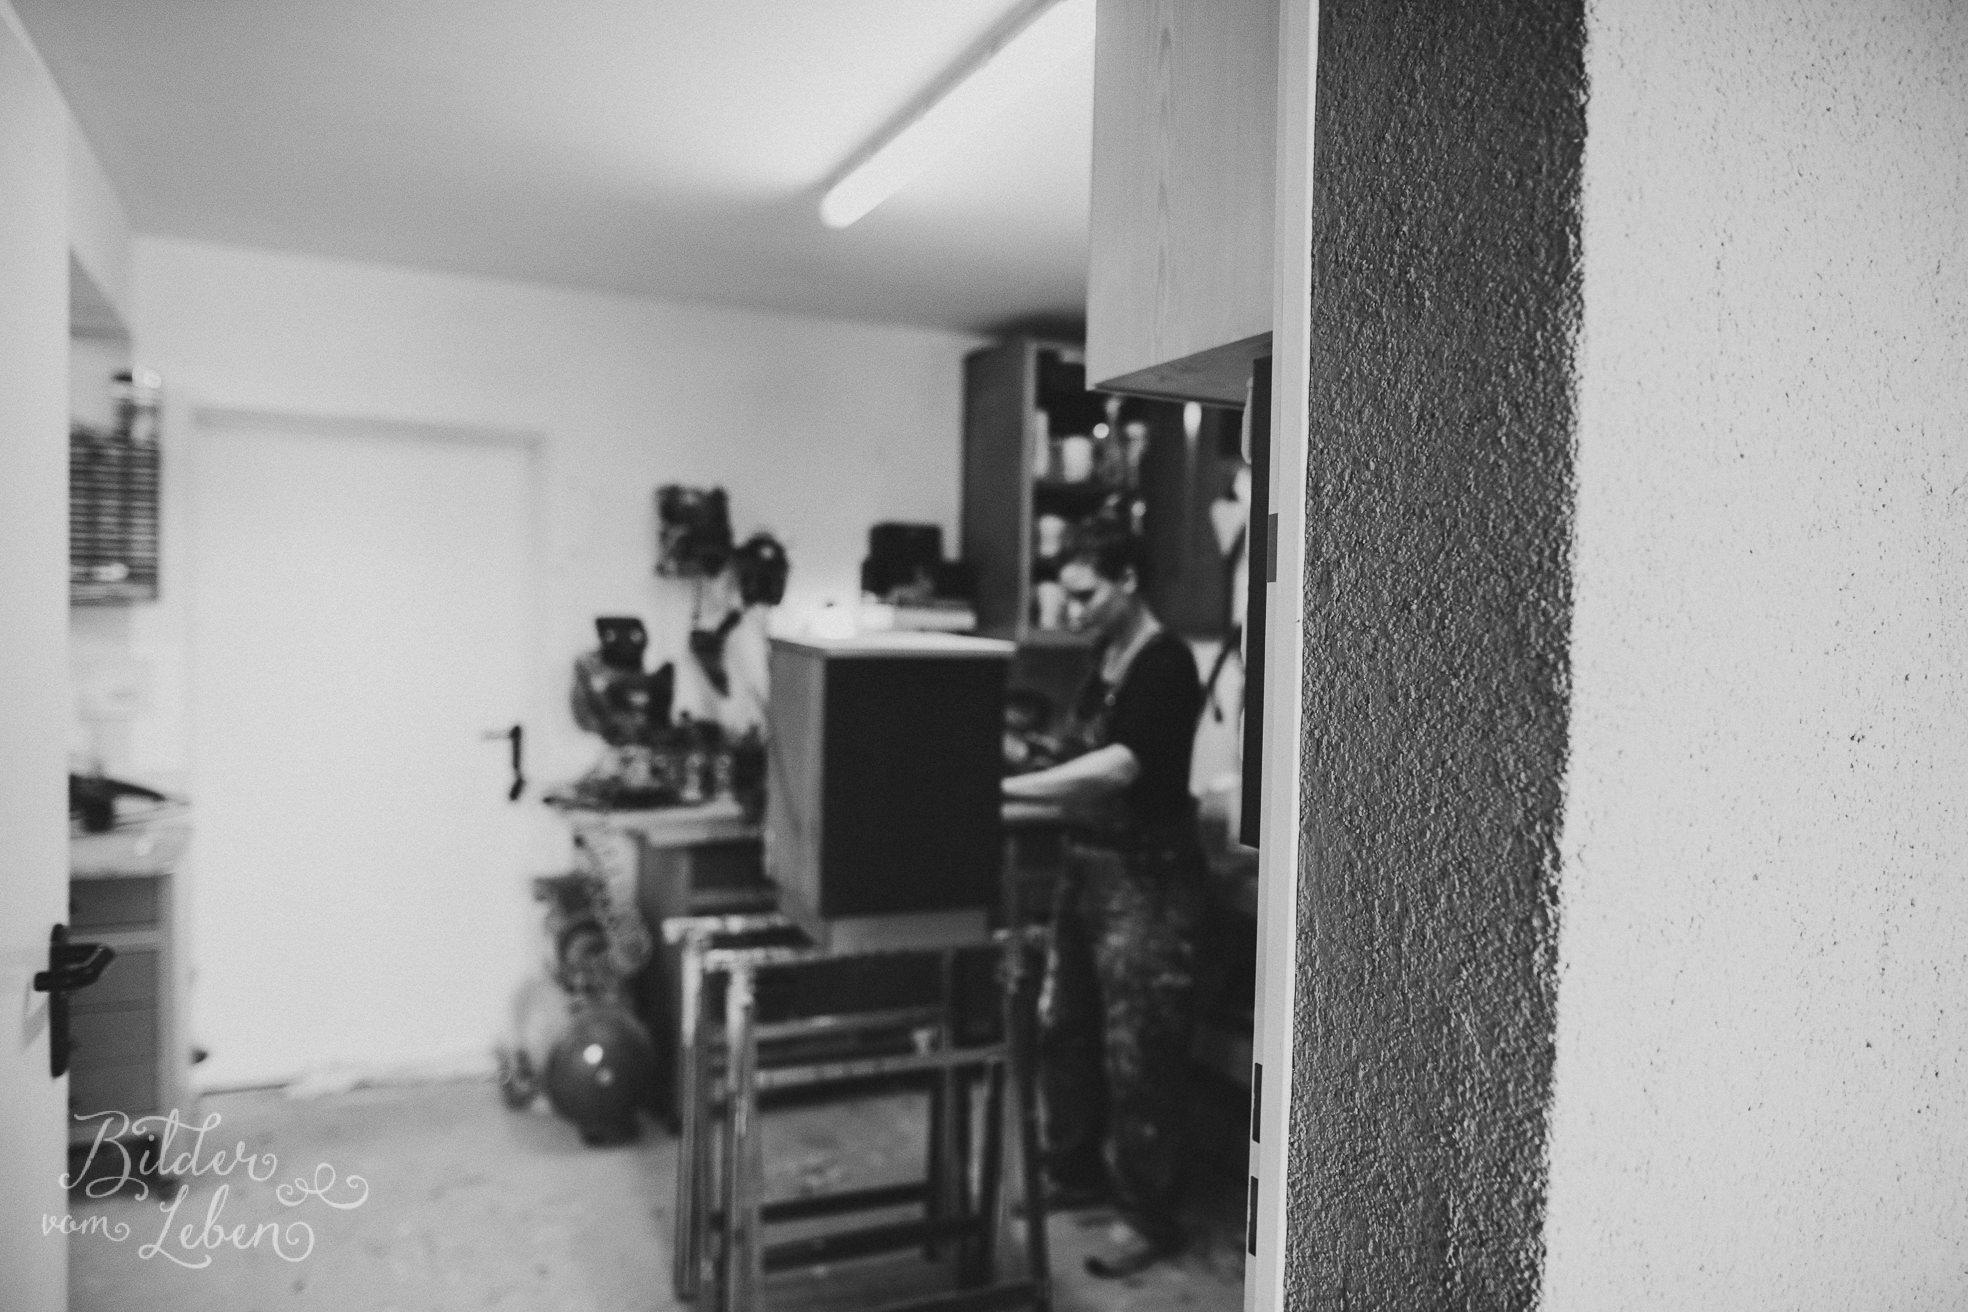 0048Anne-Nubilli-BildervomLeben-IM3C2484